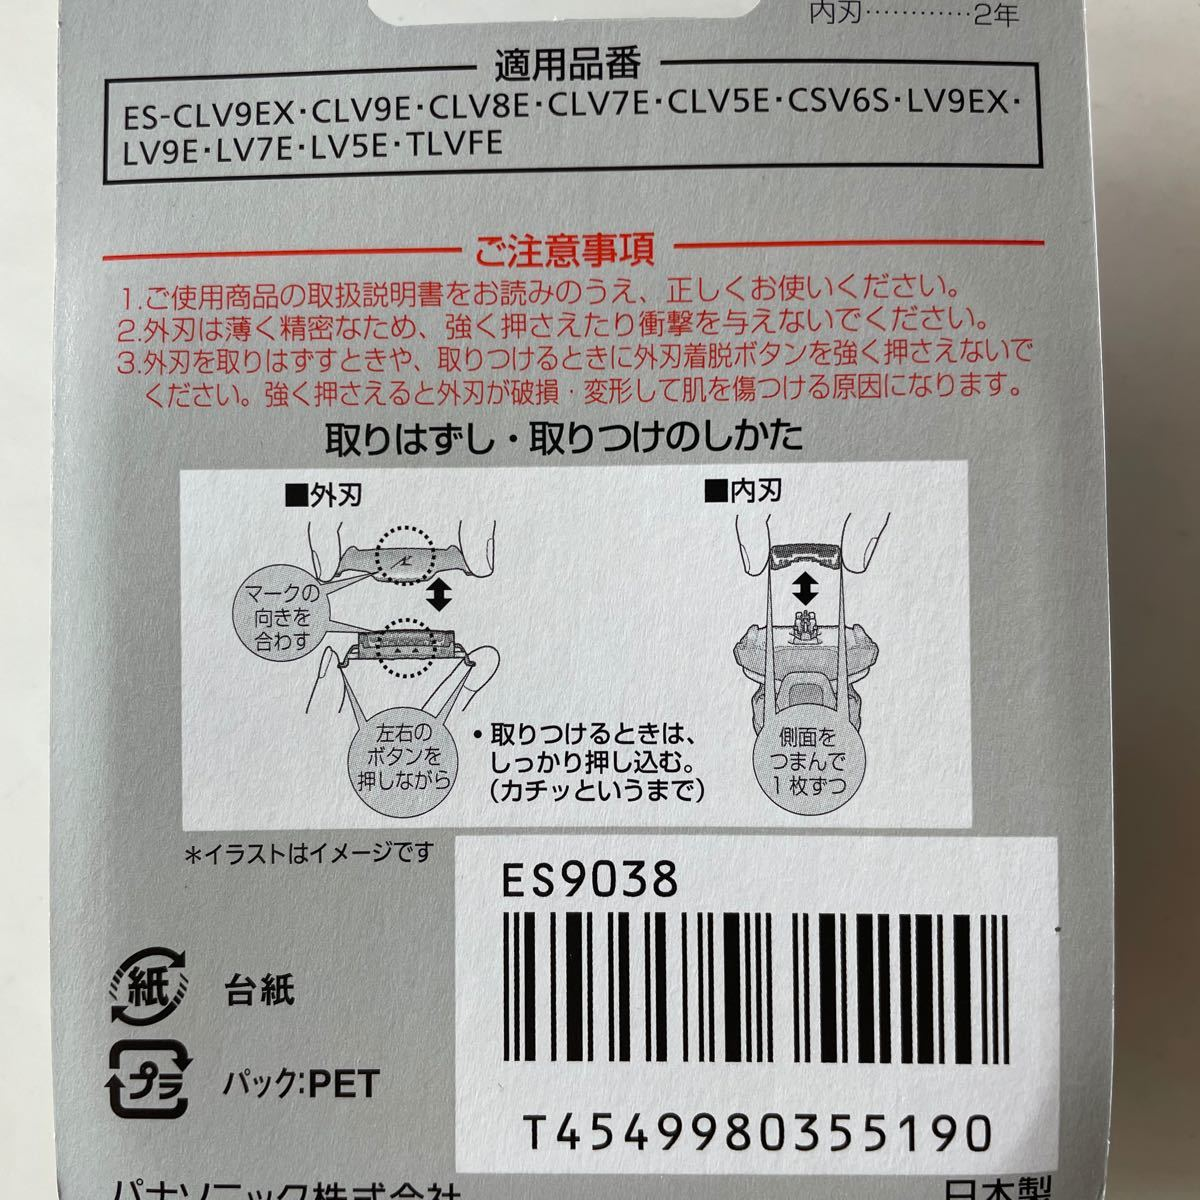 替刃ラムダッシュ Panasonic es9038 パナソニック ラムダッシュ